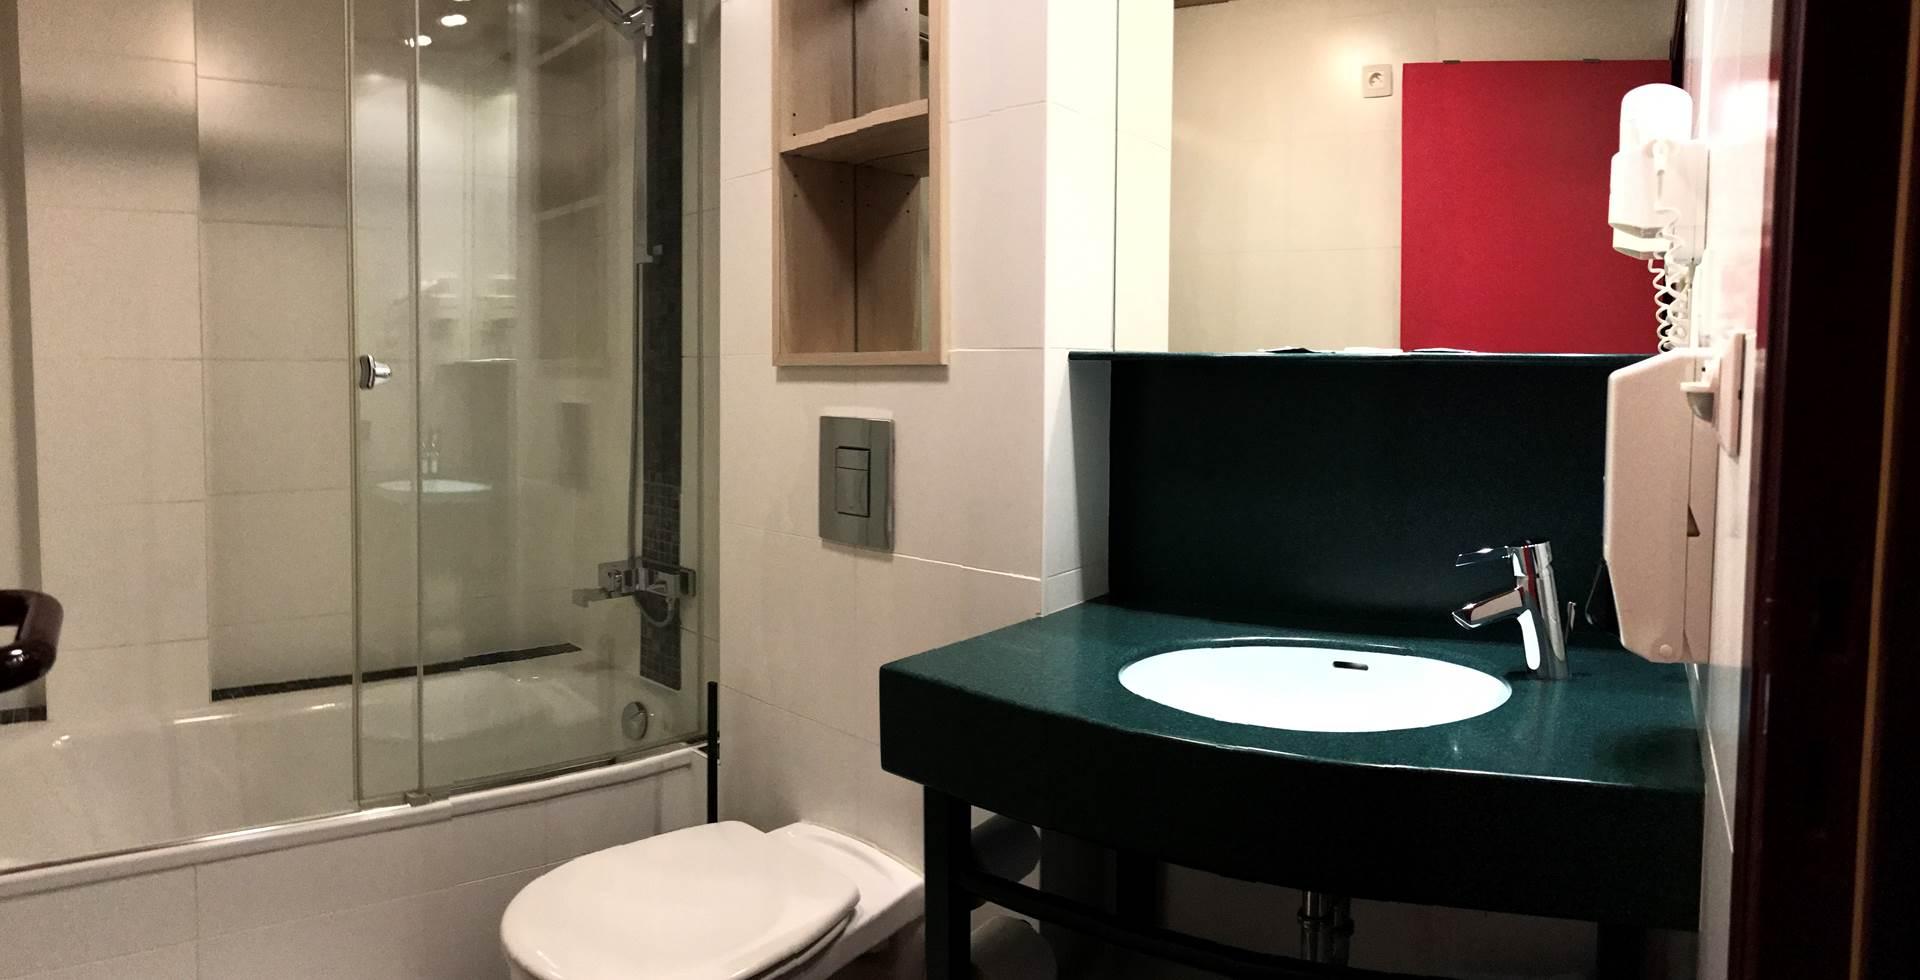 Salle de bain privative de la chambre Twin 13 comprenant une belle douche, un lavabo, un sèche cheveux et toilettes